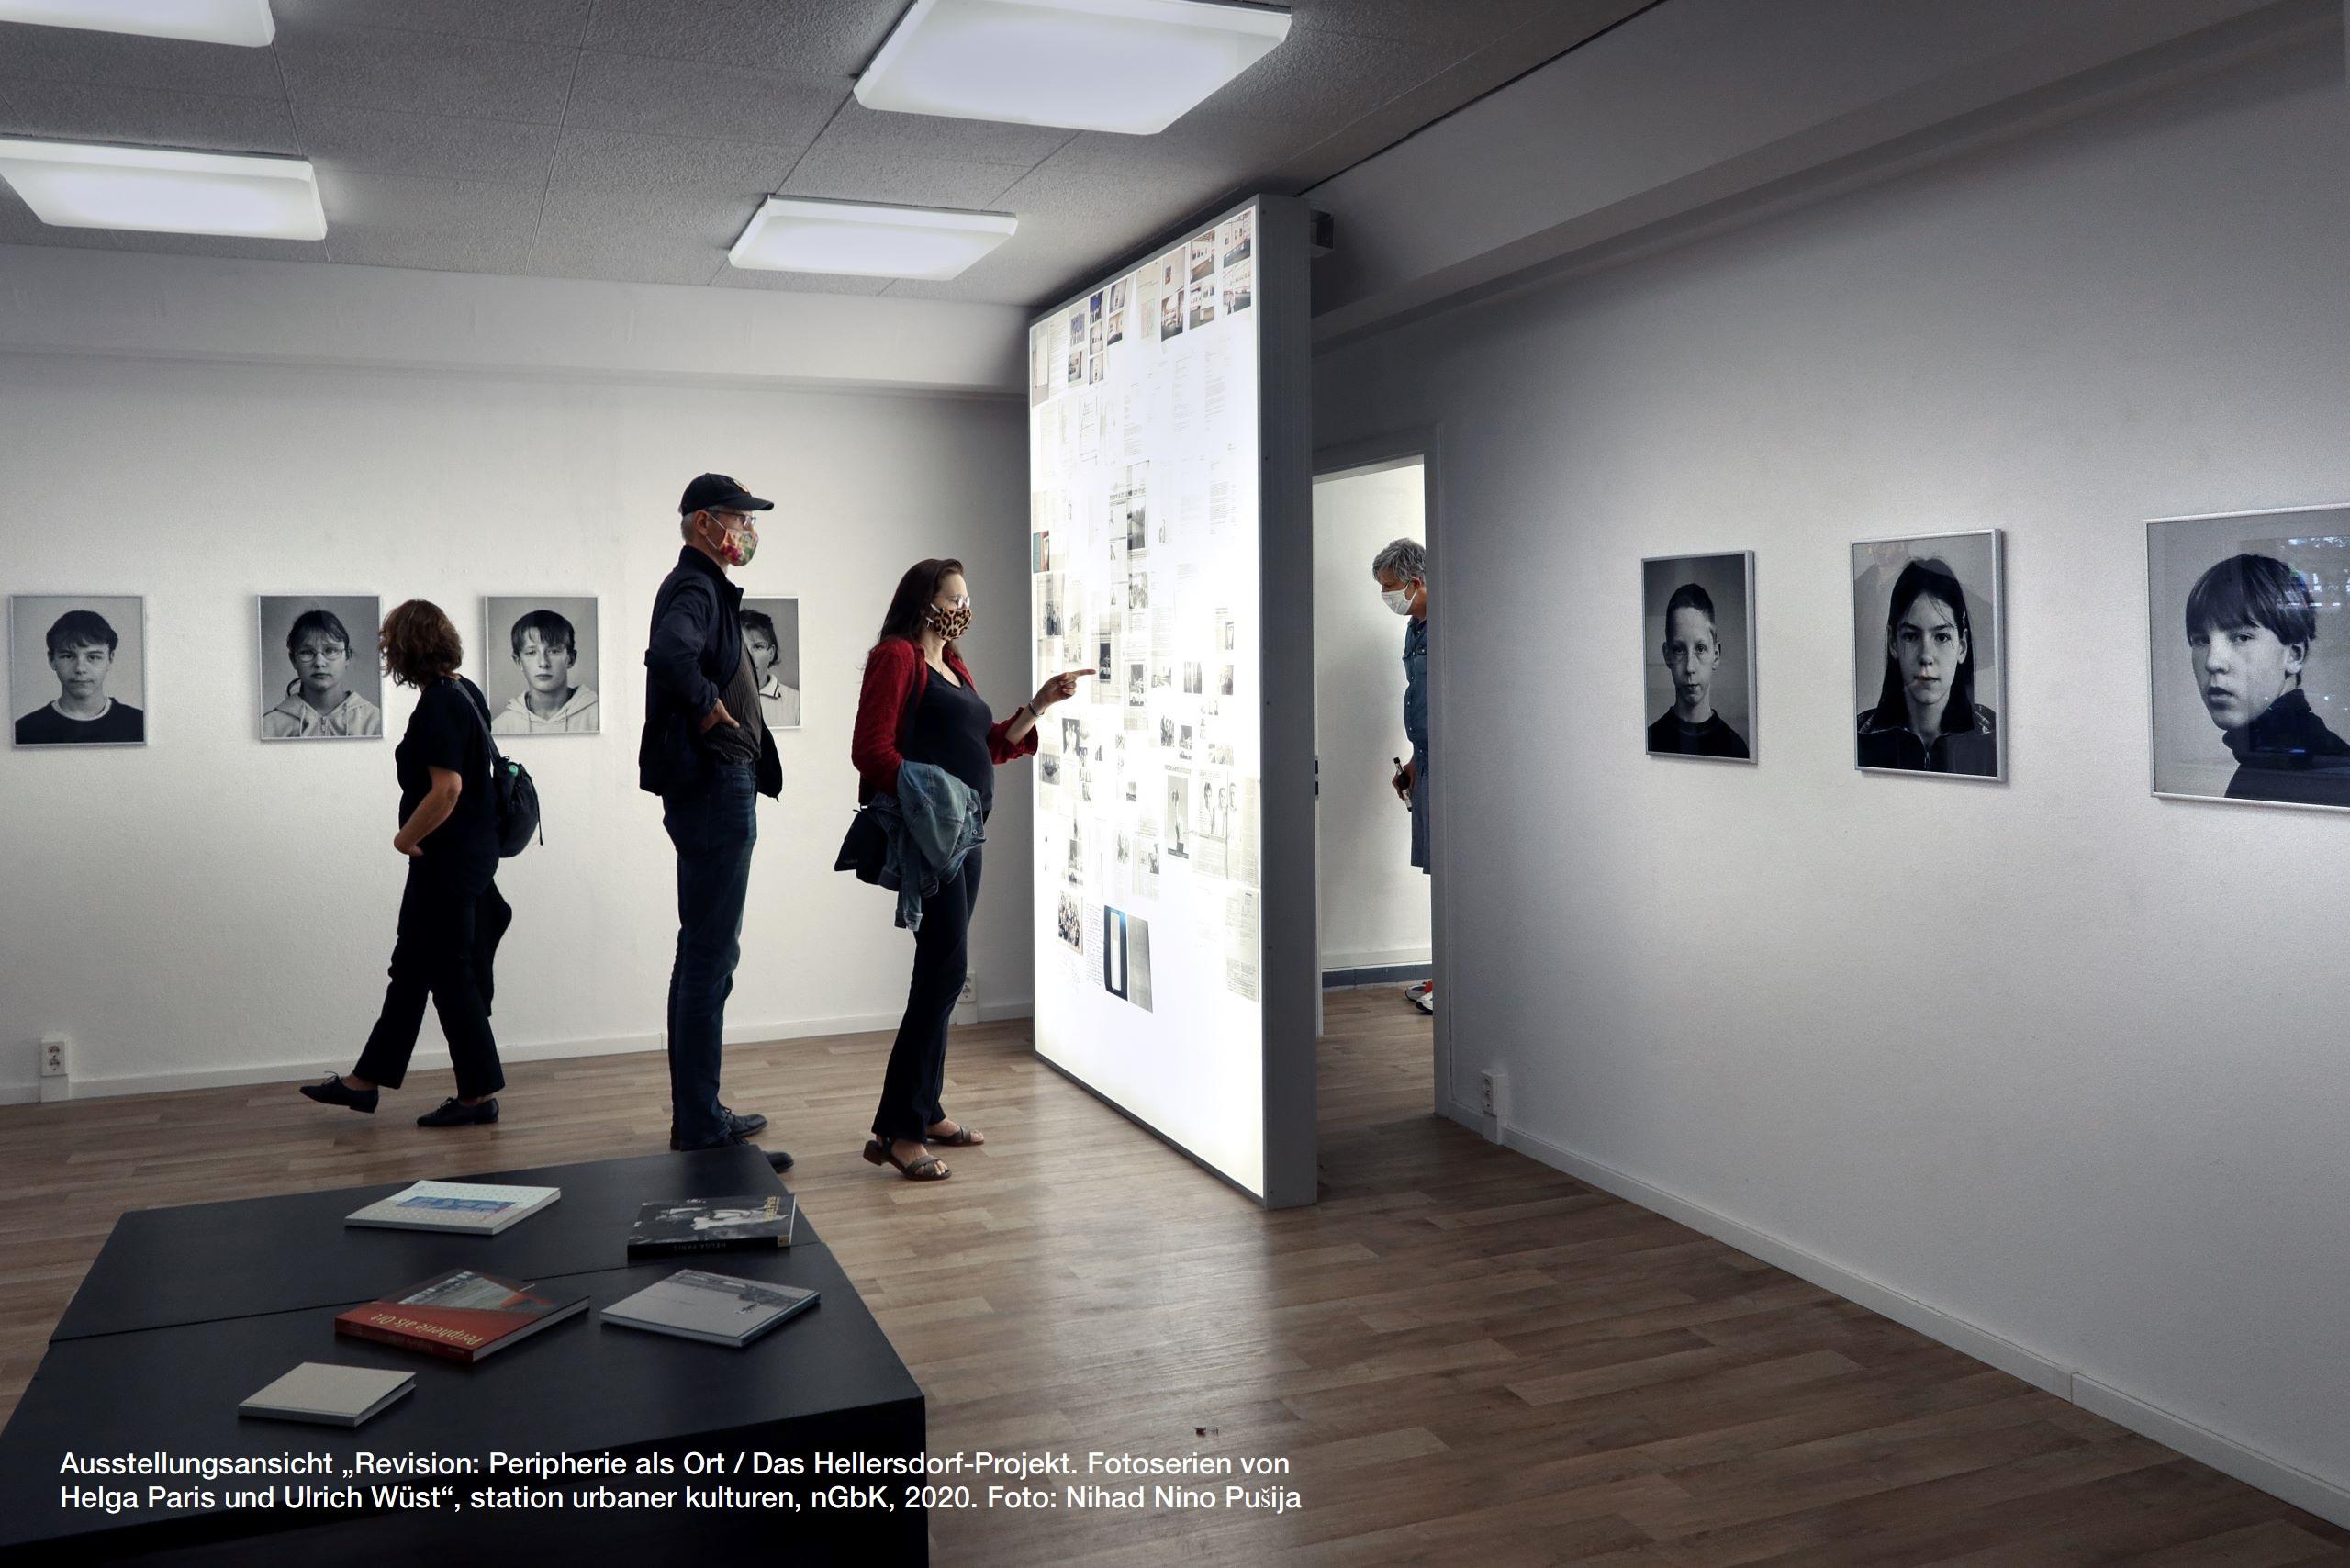 """Ausstellungsansicht """"Revision: Peripherie als Ort / Das Hellersdorf-Projekt. Fotoserien von Helga Paris und Ulrich Wüst"""", station urbaner kulturen, nGbK, 2020. Foto: Nihad Nino Pušija"""